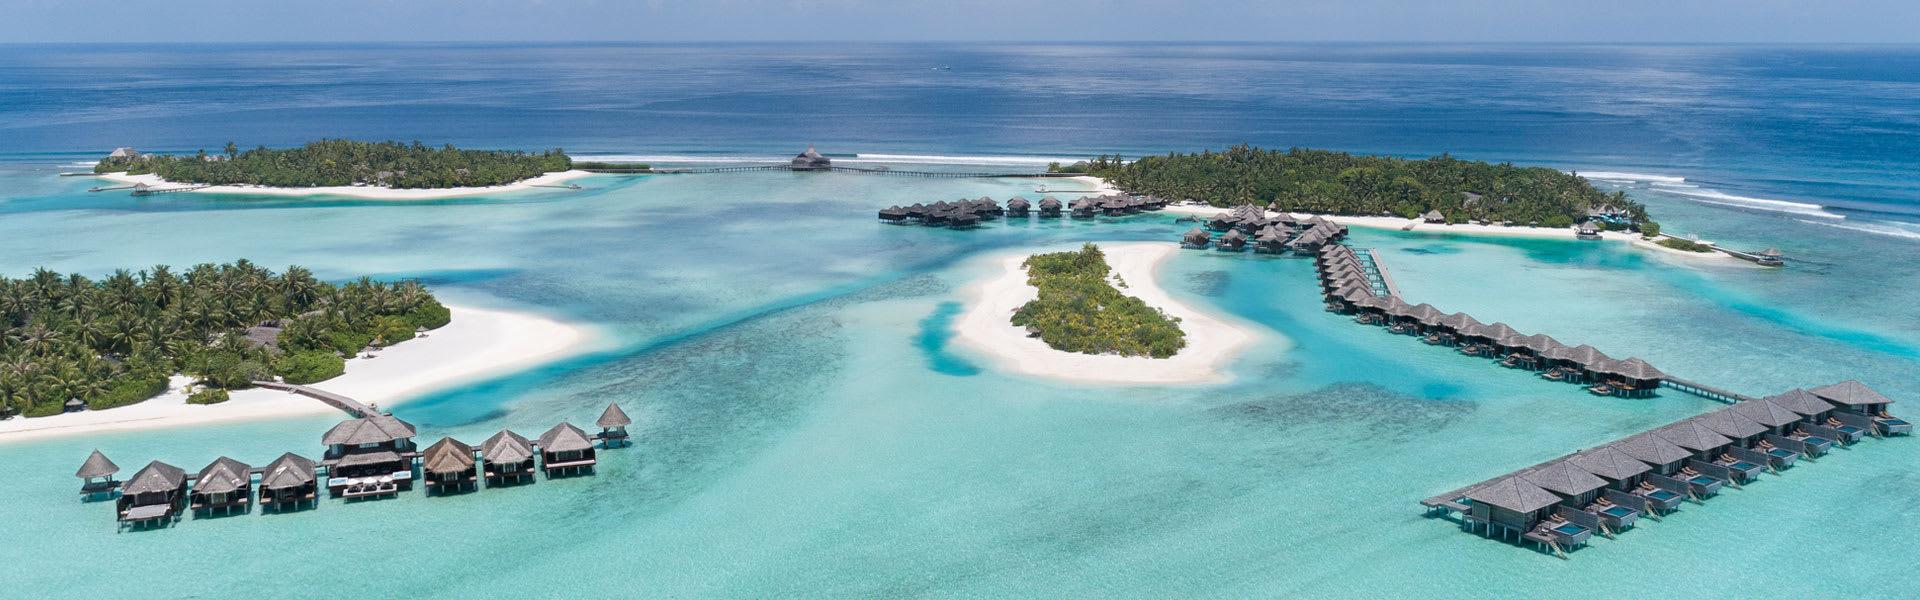 Contact Anantara Veli Maldives Resort